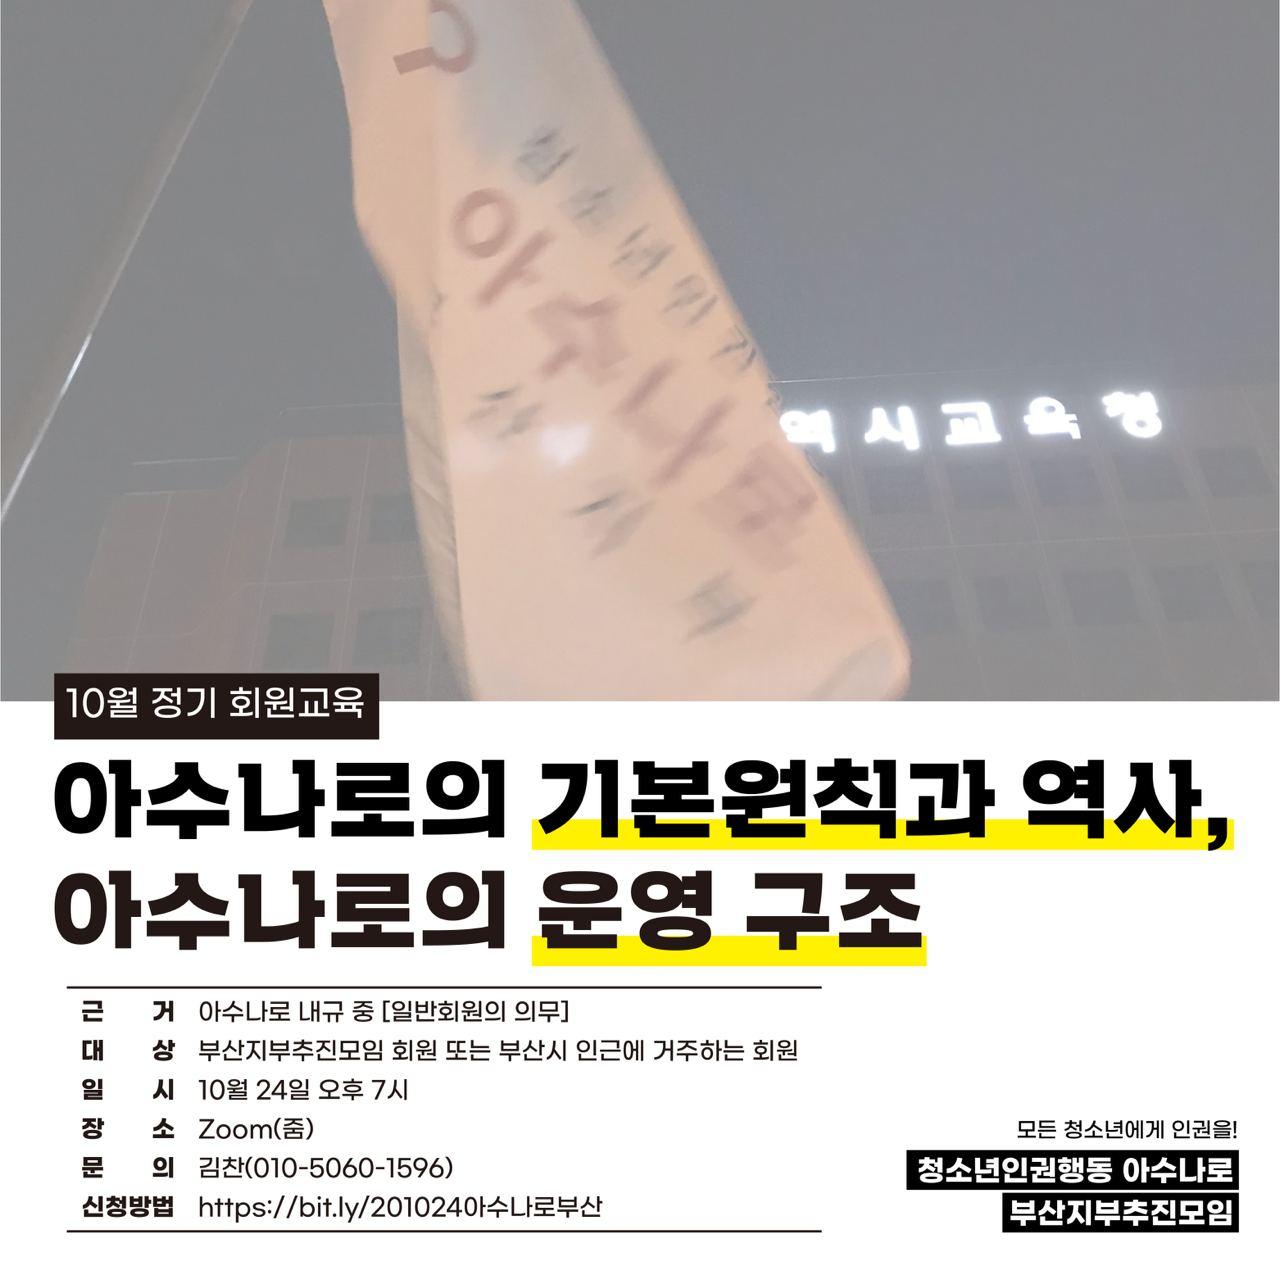 [웹자보] 청소년인권행동 아수나로 부산지부추진모임 10월 정기 회원교육